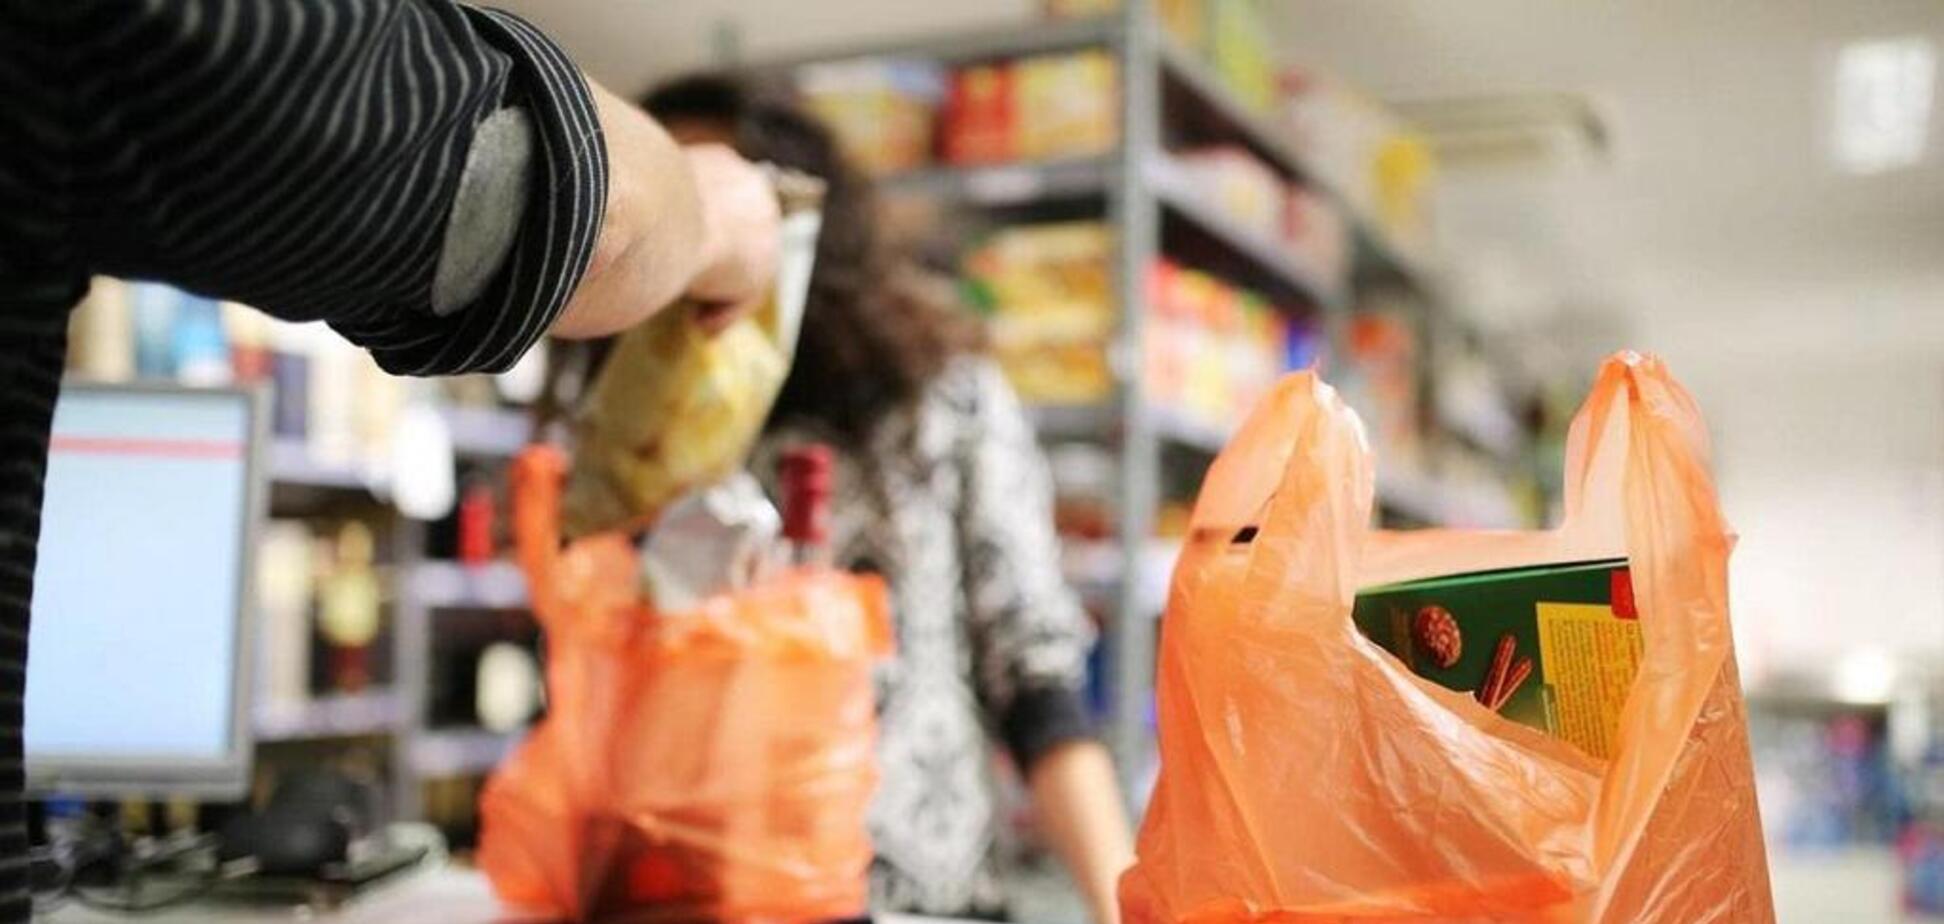 В Україні хочуть заборонити безкоштовну роздачу пластикових пакетів